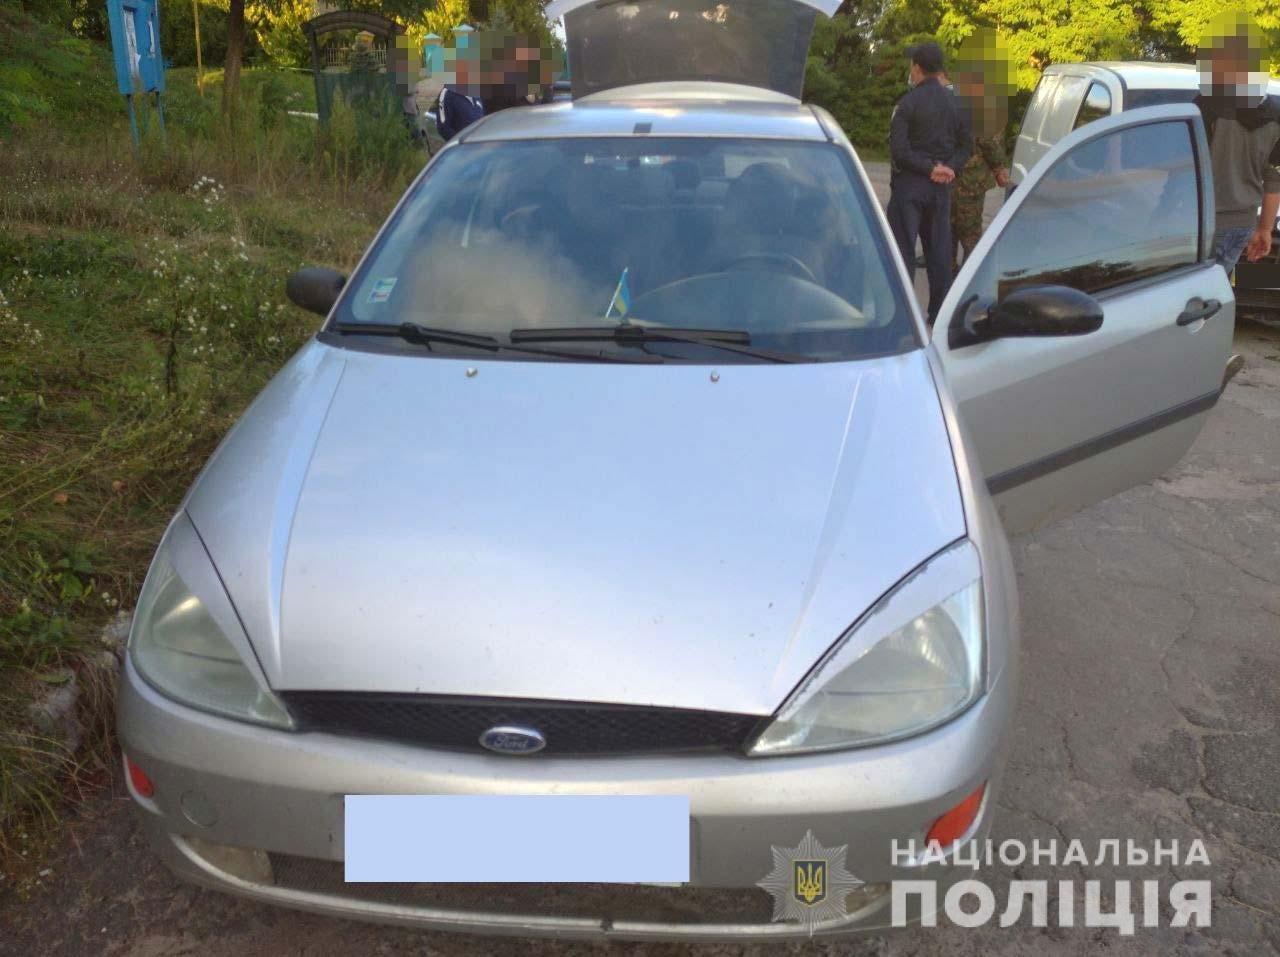 На Острожчині патрульні зупинили авто та виявили бурштин (ФОТО), фото-1